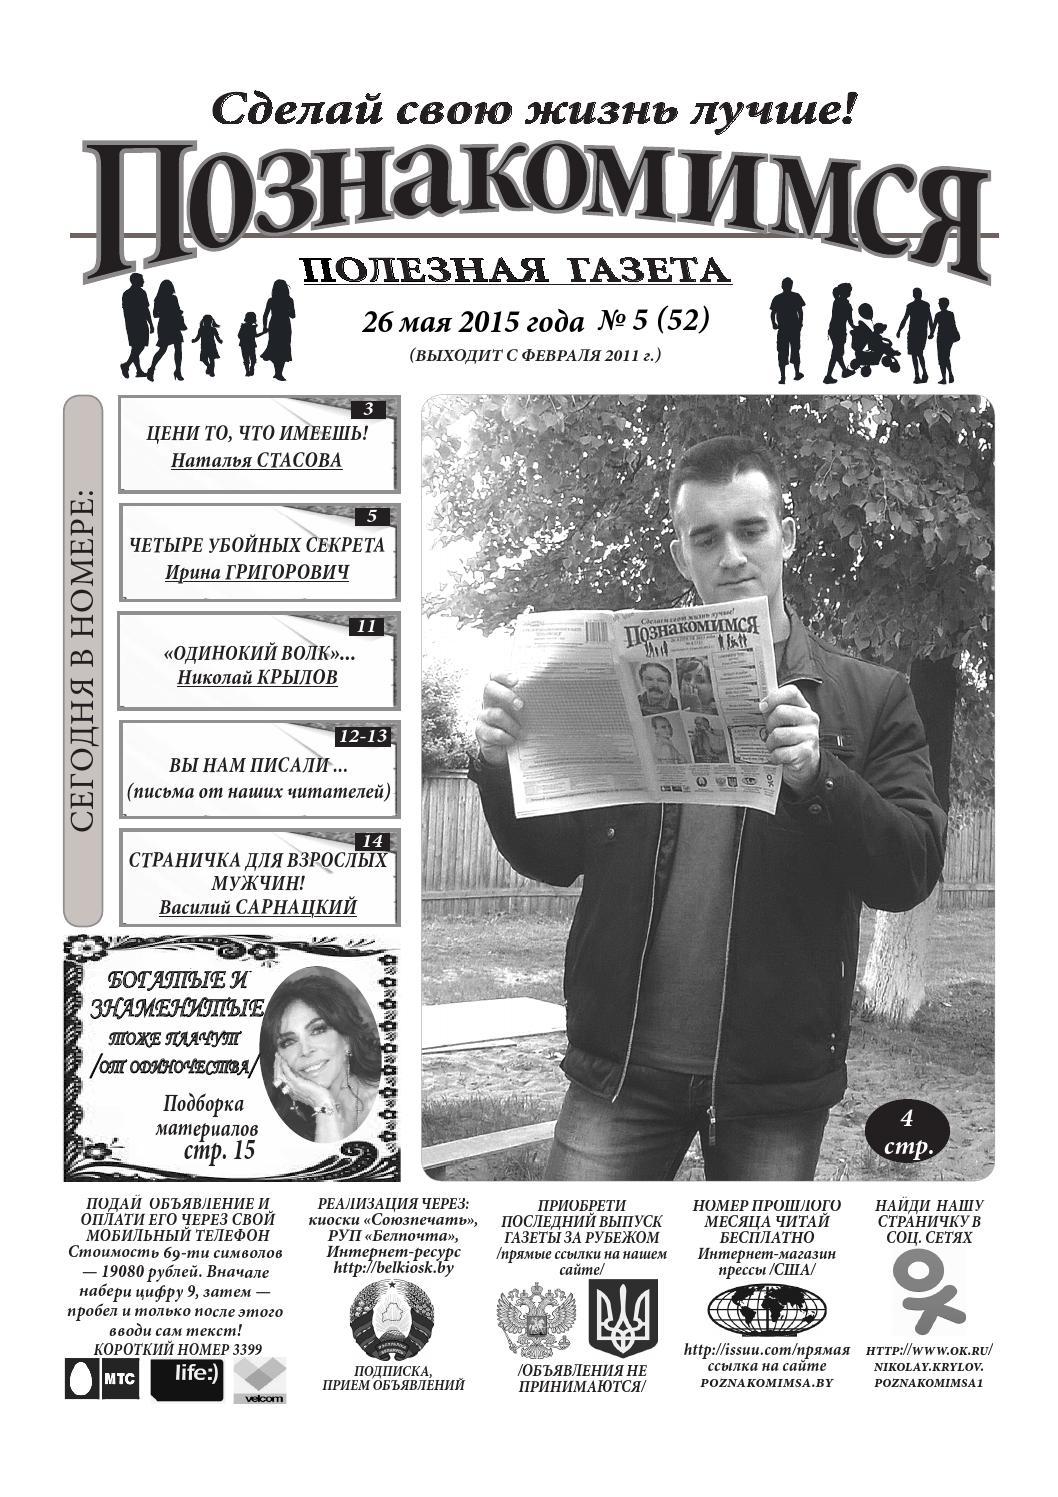 я сайт знакомств завтра газеты